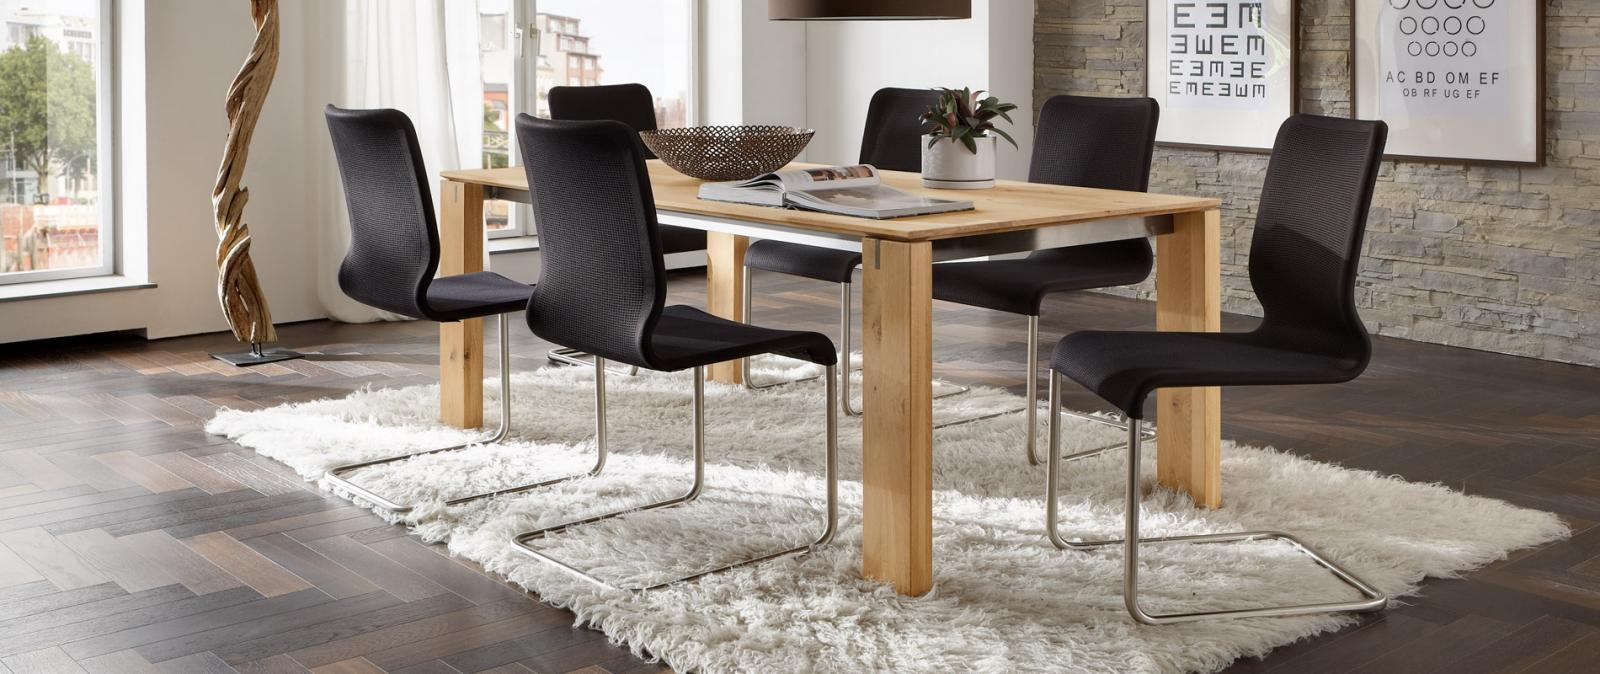 Esstisch Stühle Modern